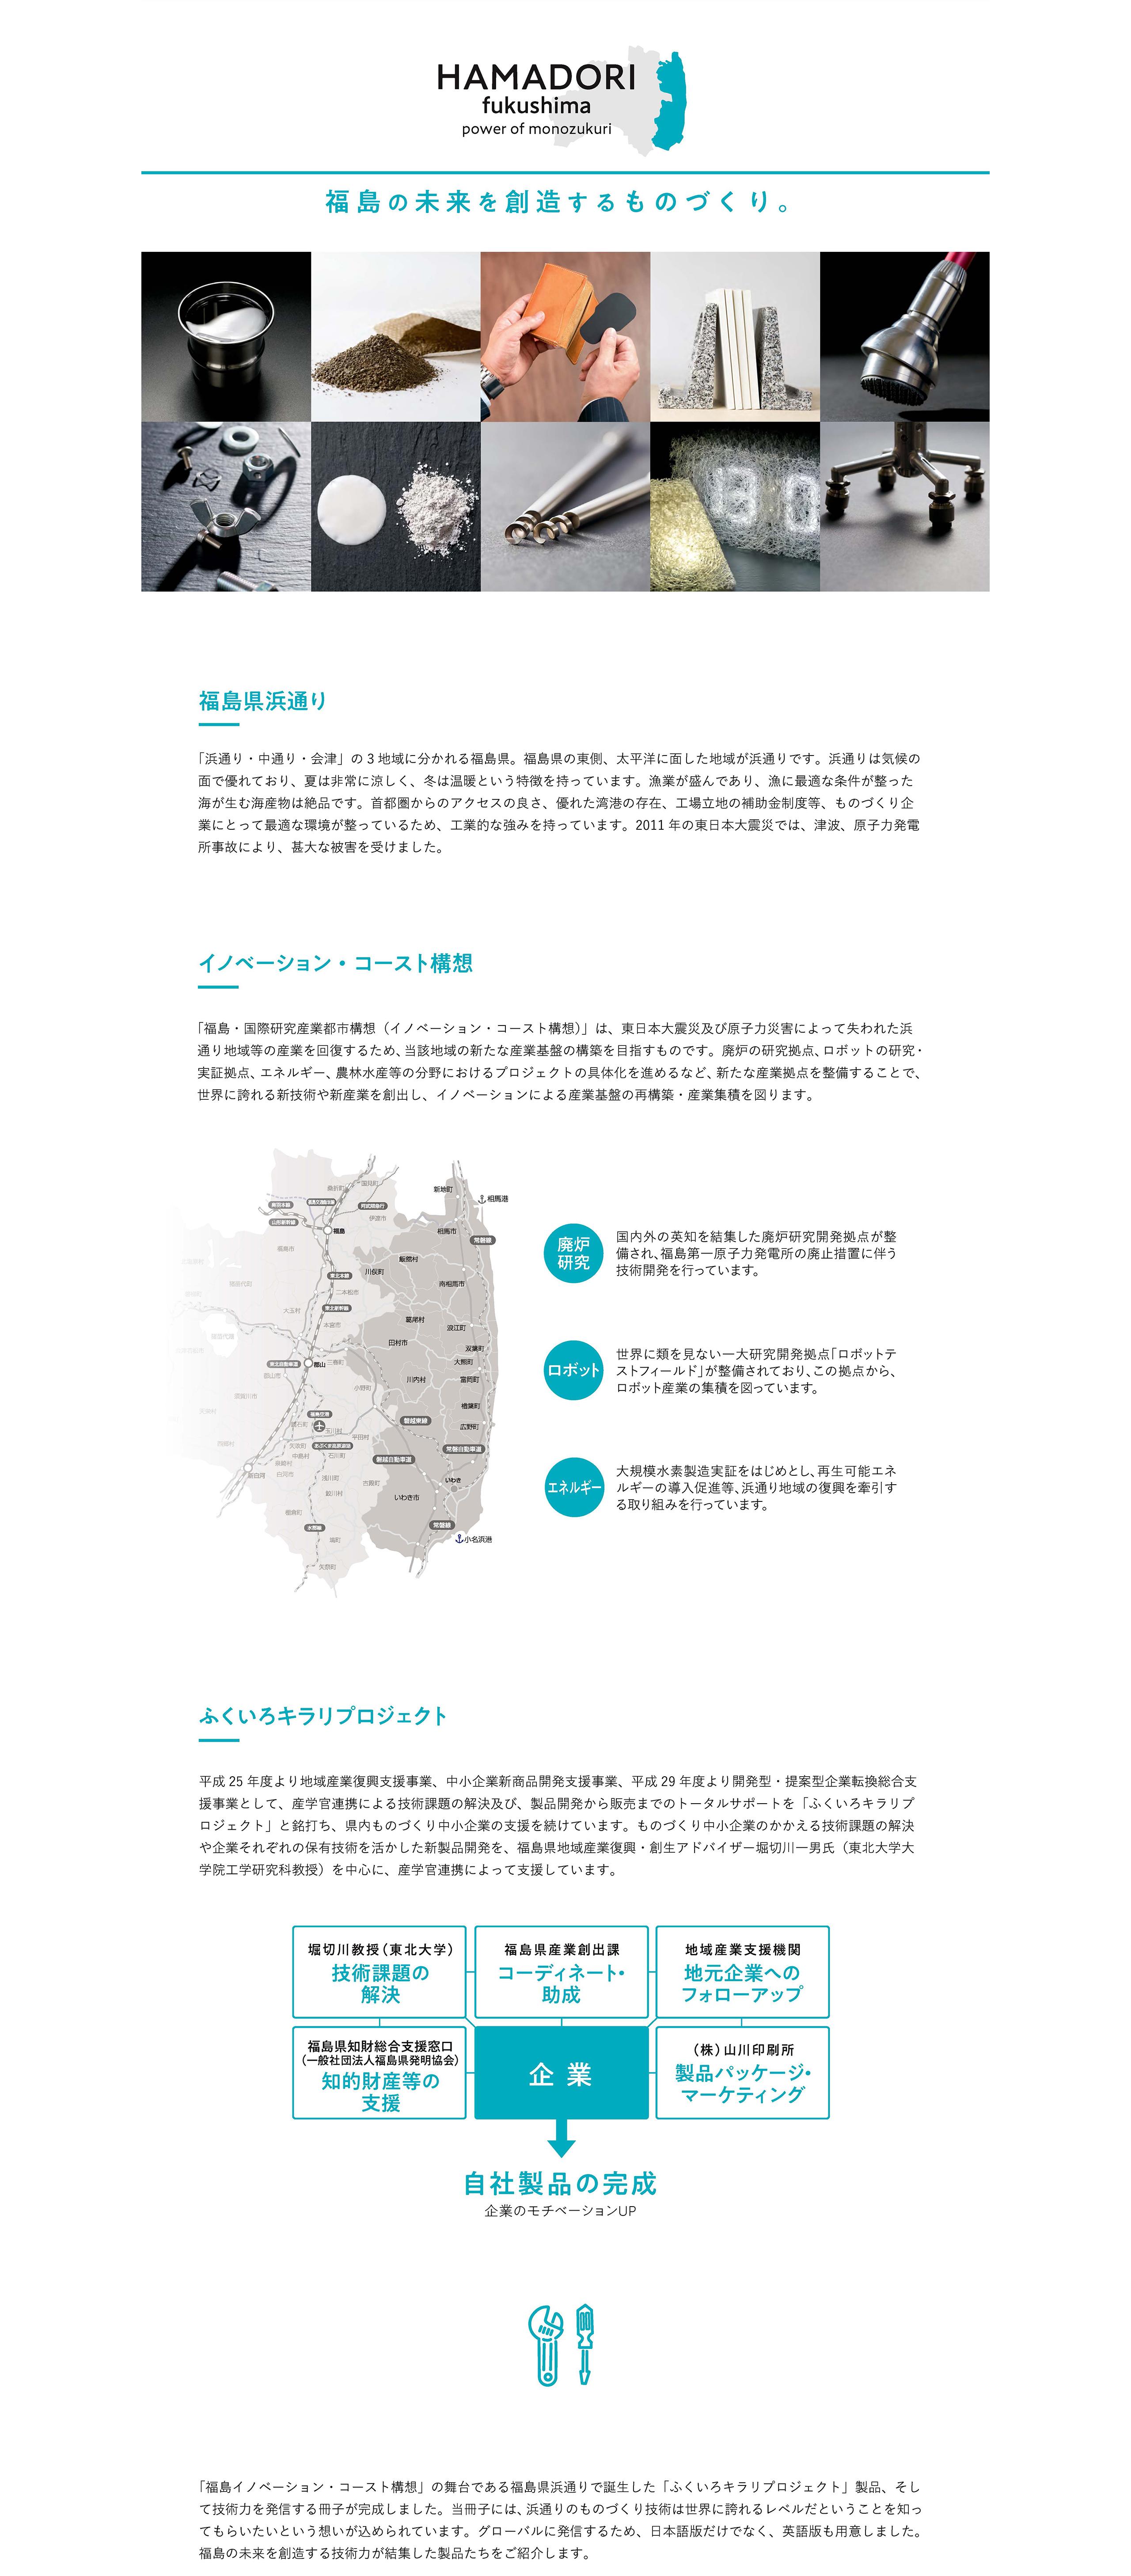 イノベーション・コースト構想